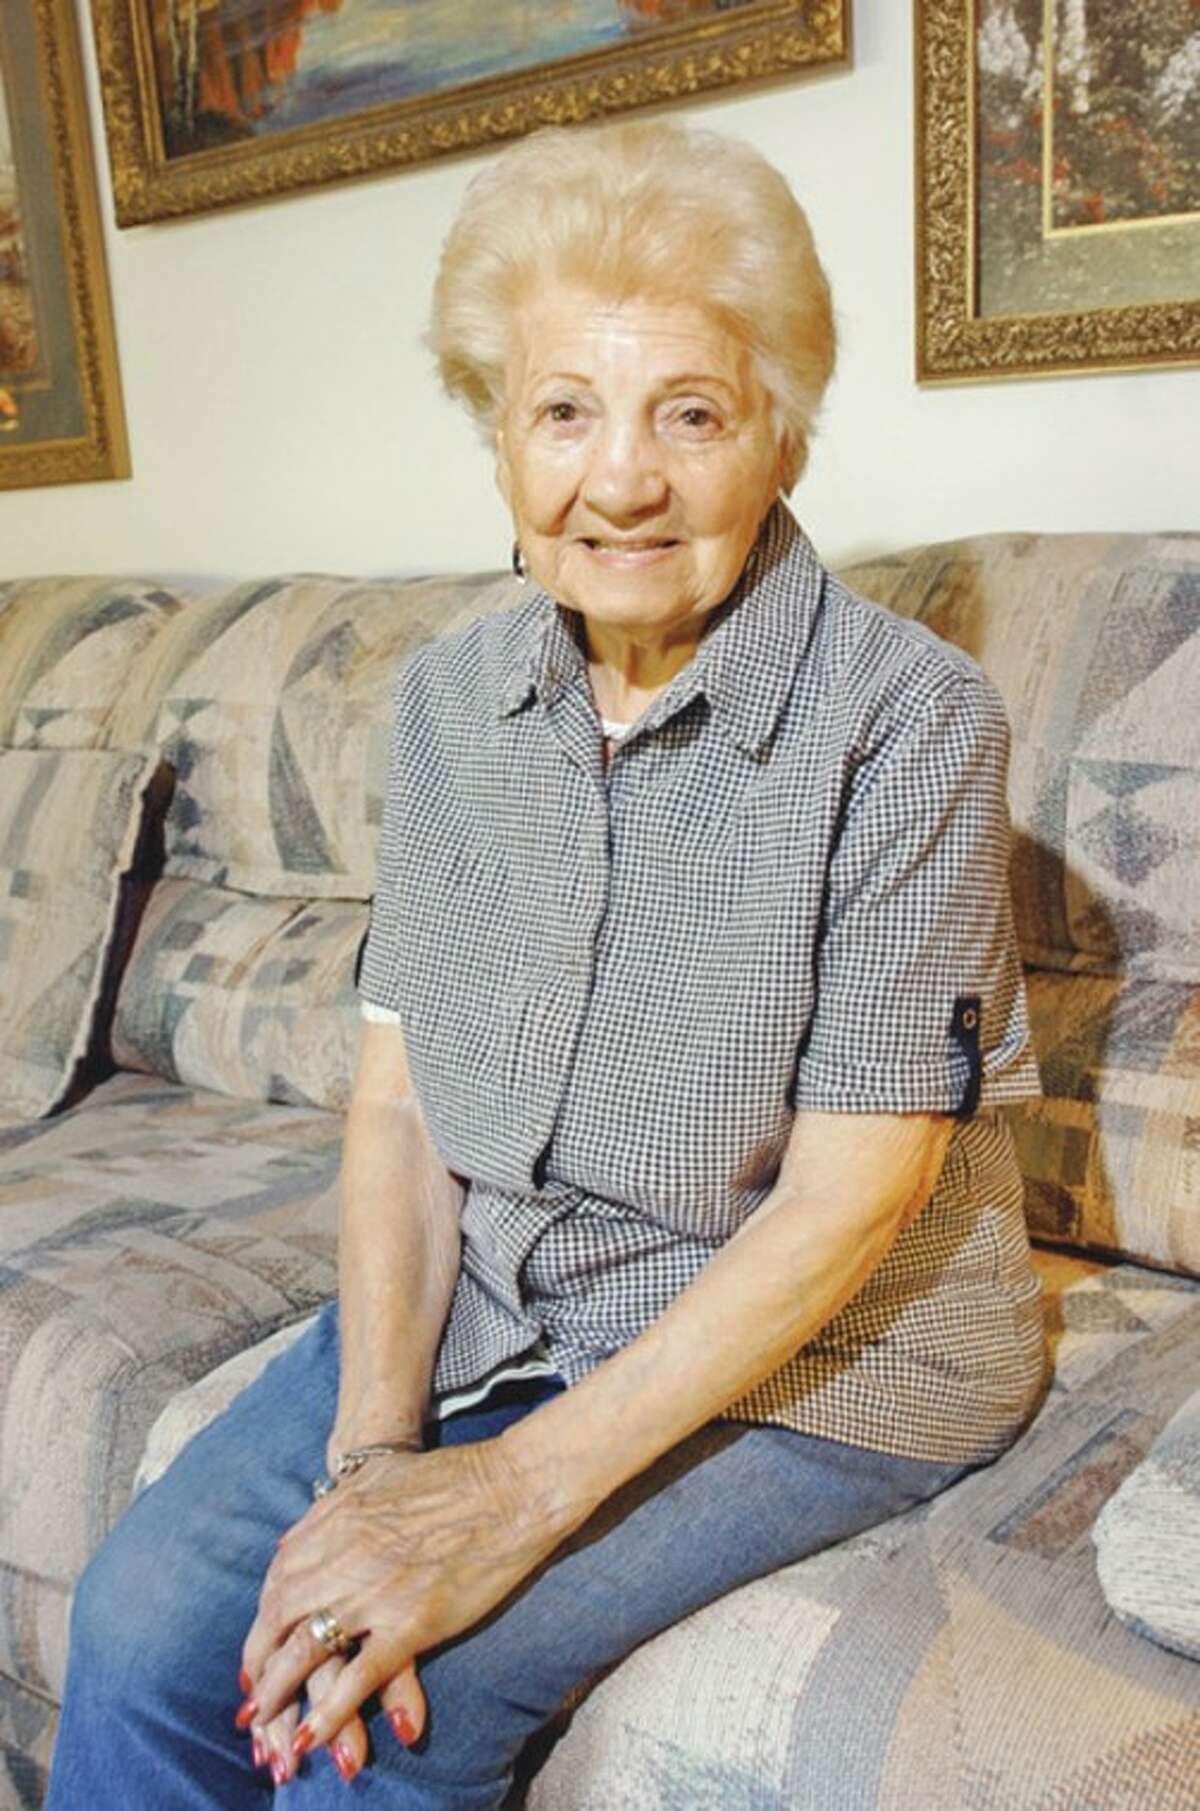 Hour photo / Erik Trautmann Frederica Genatiempo celebrated her 100th birthday Wednesday.